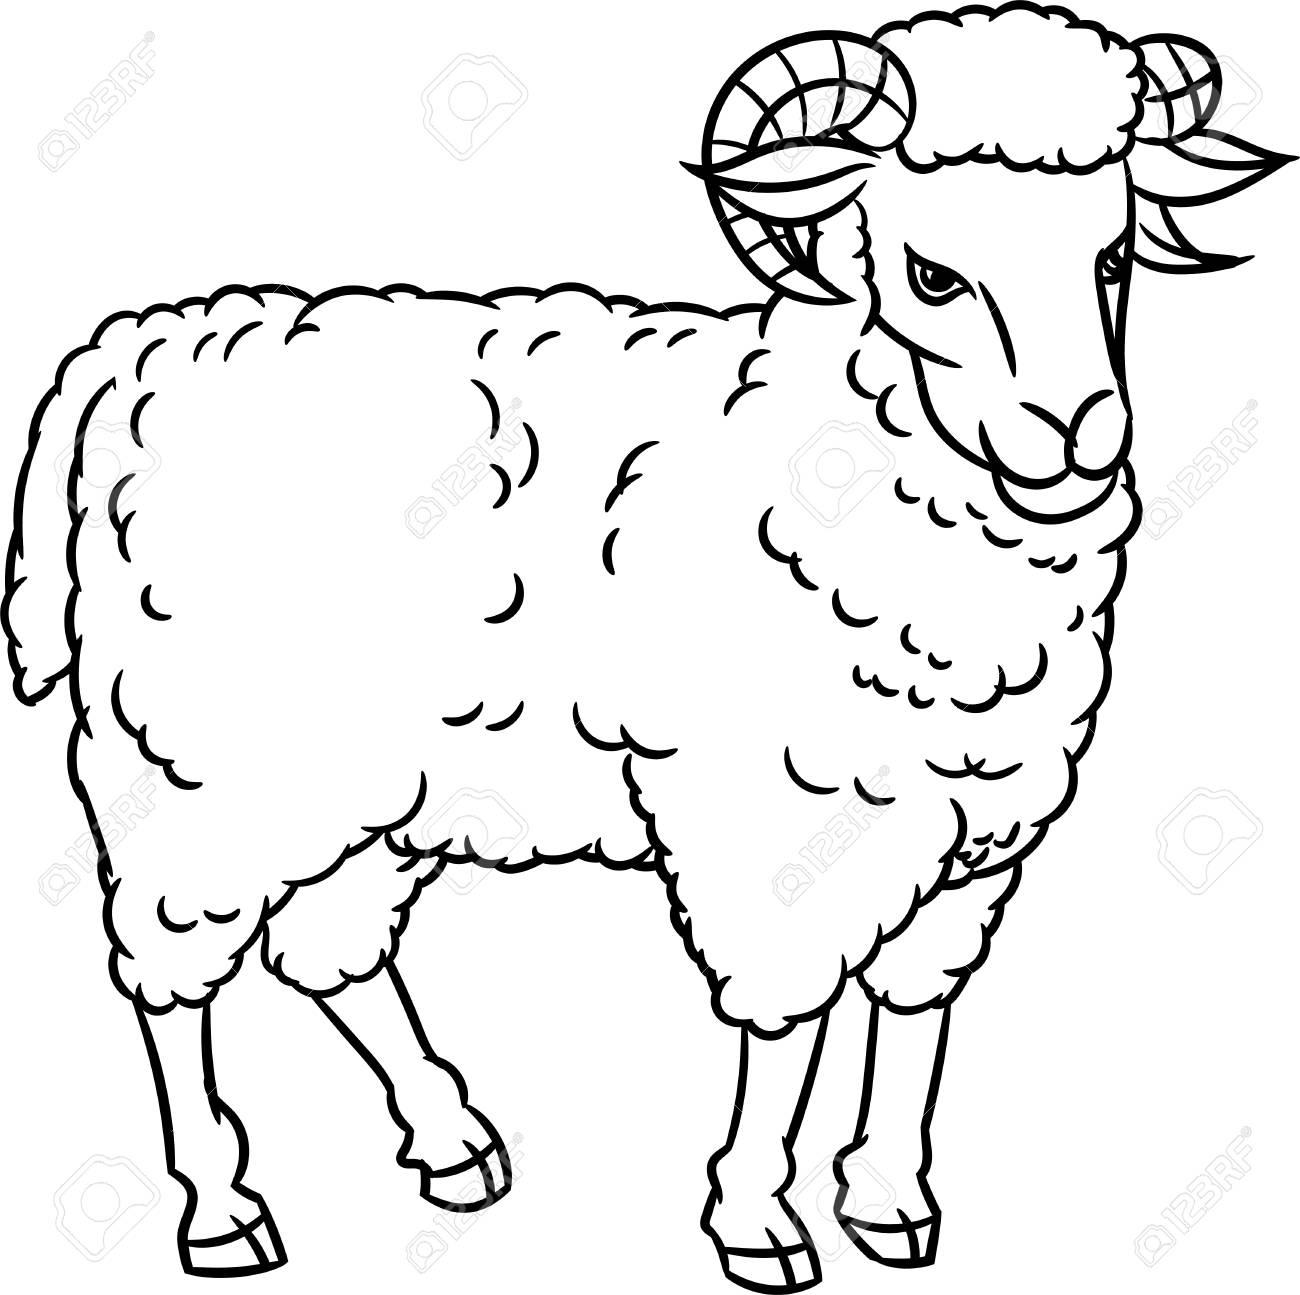 Farm Animals Drawing At Getdrawings